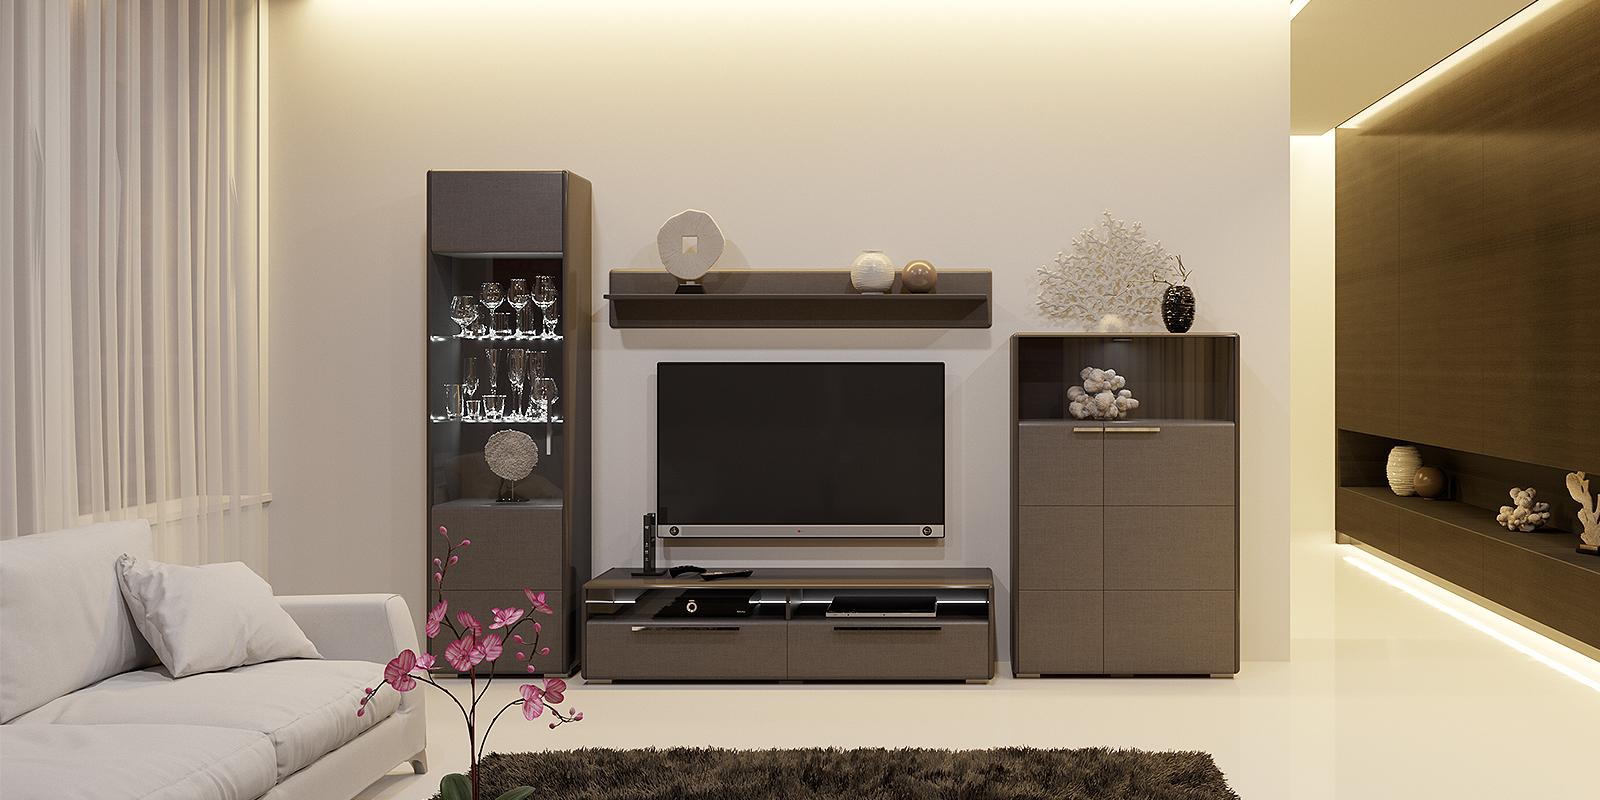 Модульная система Сорренто вариант №3 (серый/коричневый) от HomeMe.ru